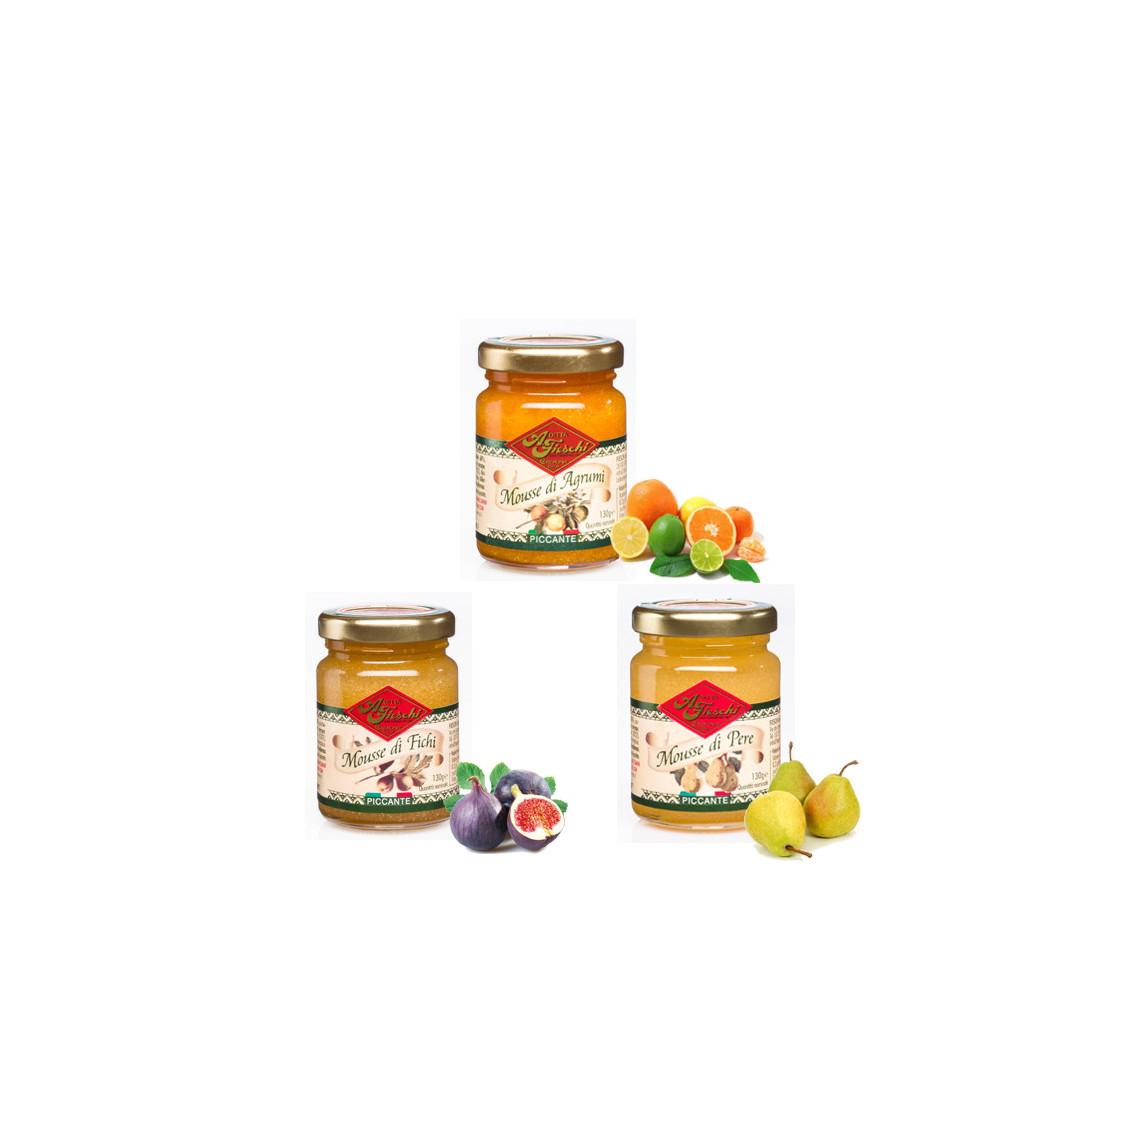 FIESCHI Confezione tris Mousse di frutta piccanti - 3 x 130 gr.